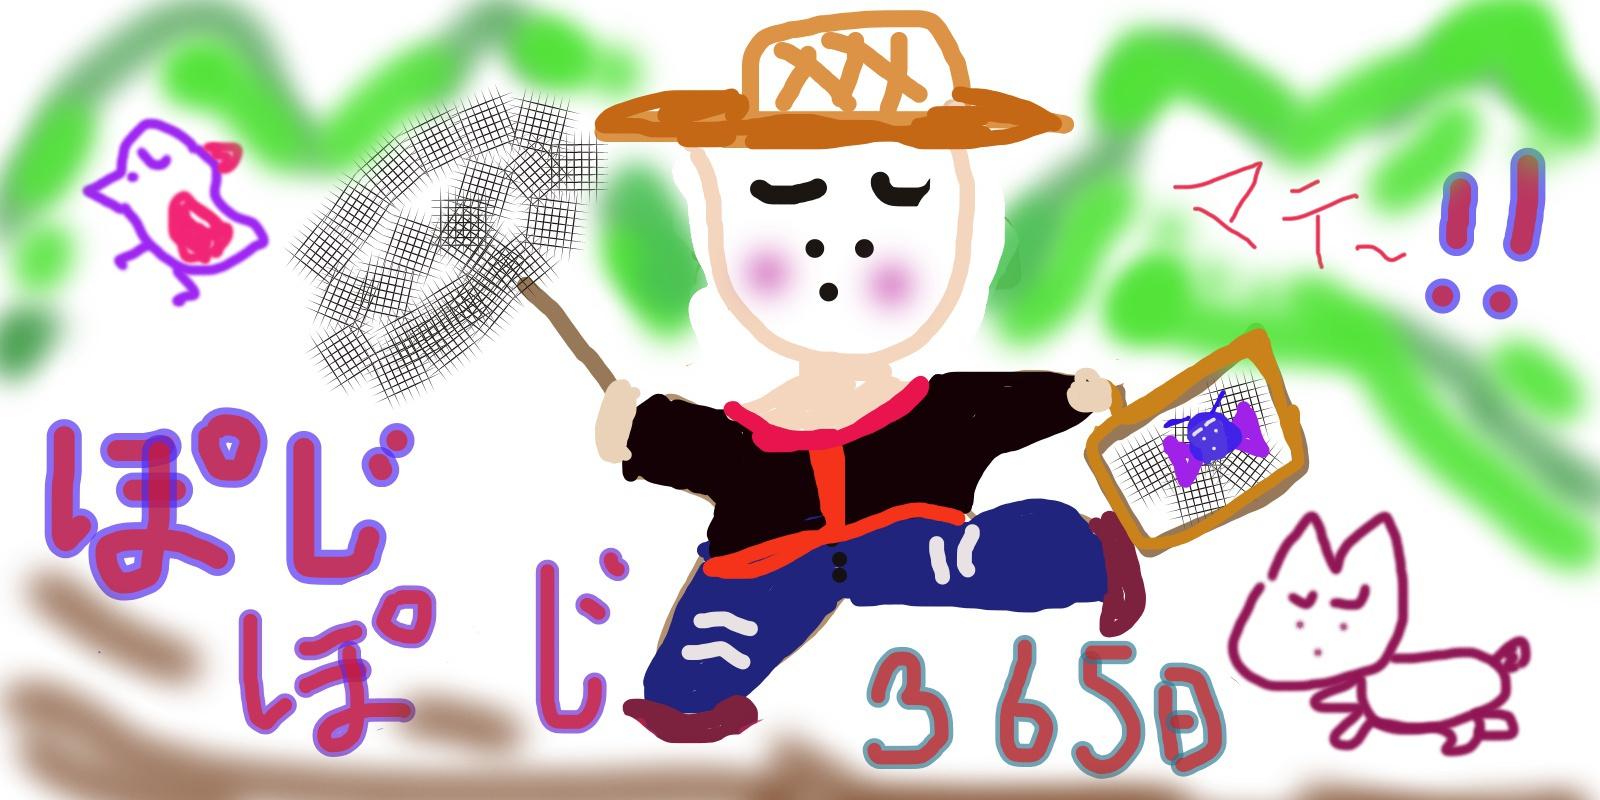 ぽじぽじ365日〜リリーの自由研究所〜